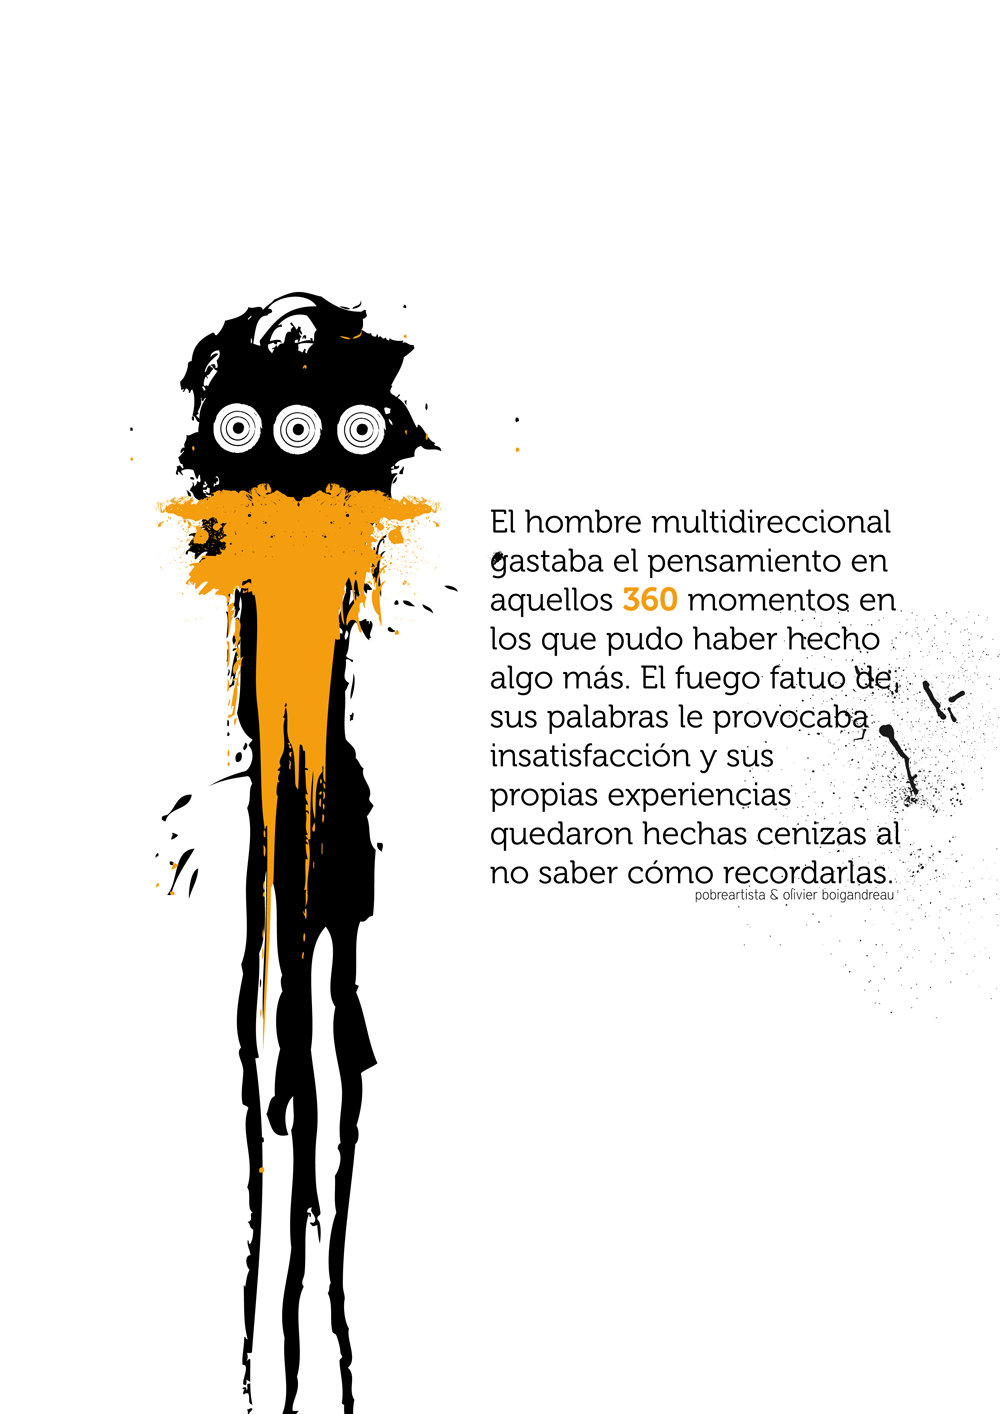 Manchas-3-hombre_multidireccional